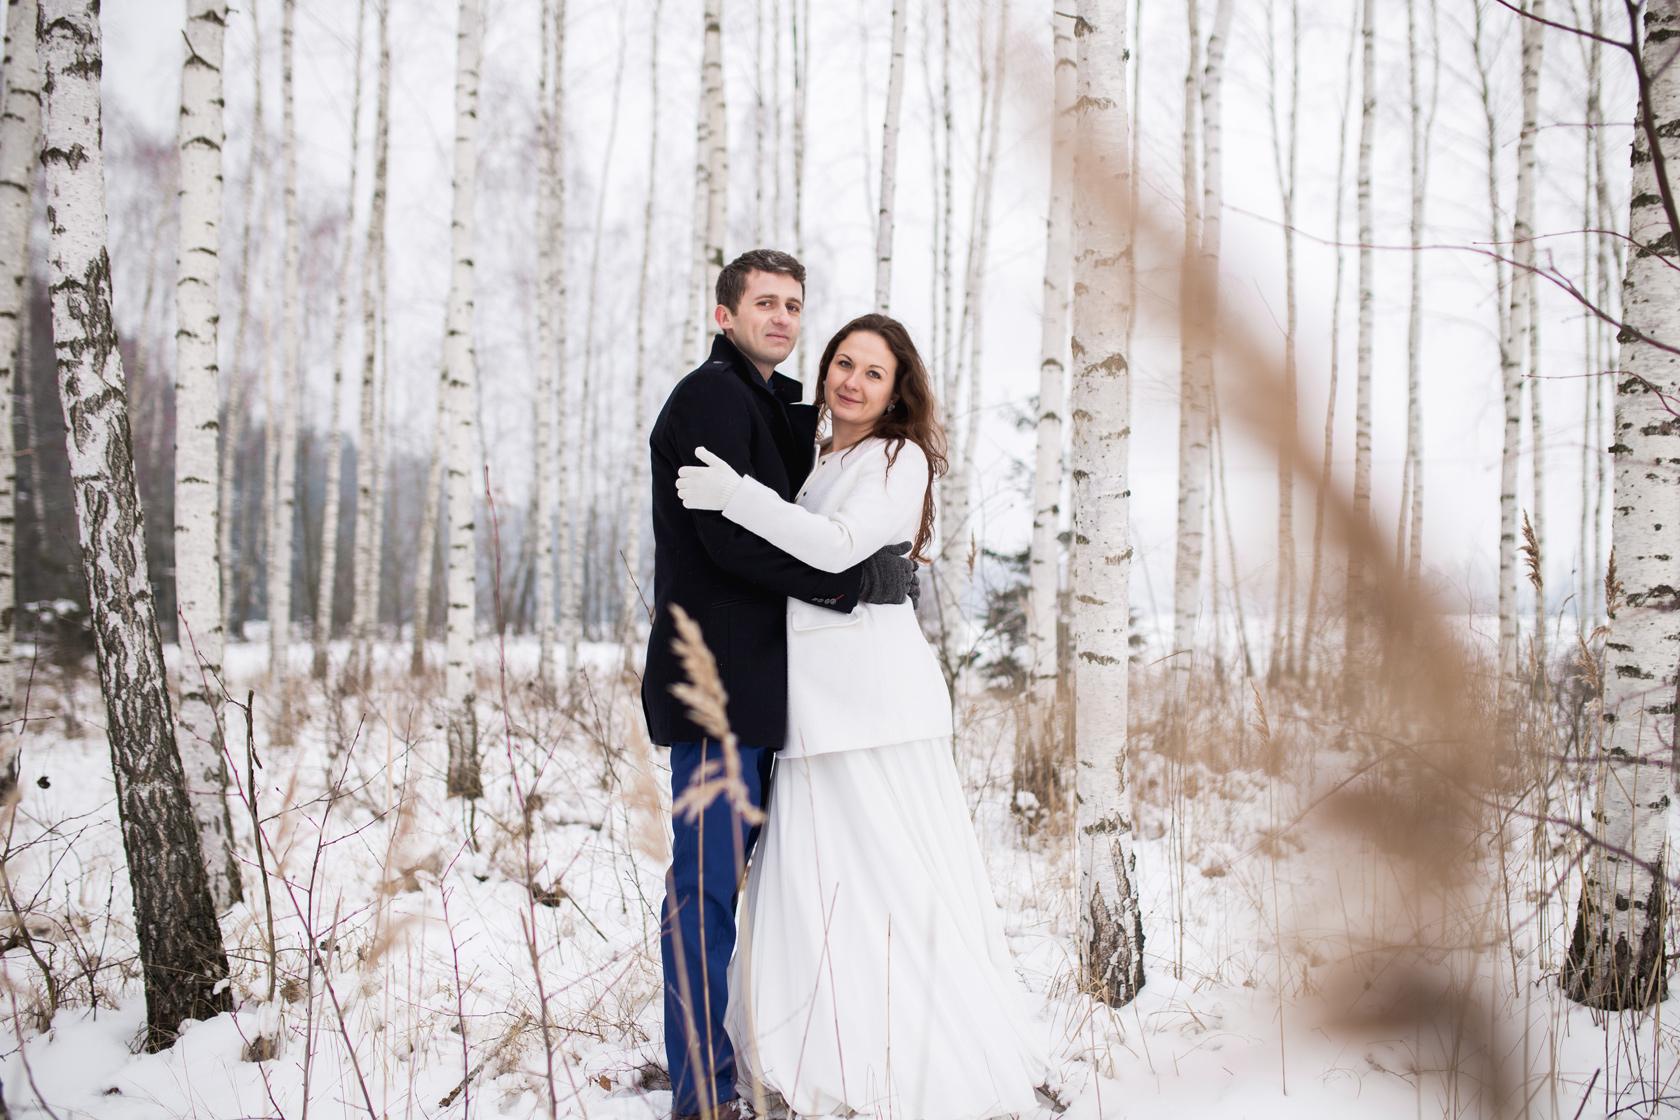 fotograf ślubny (25)